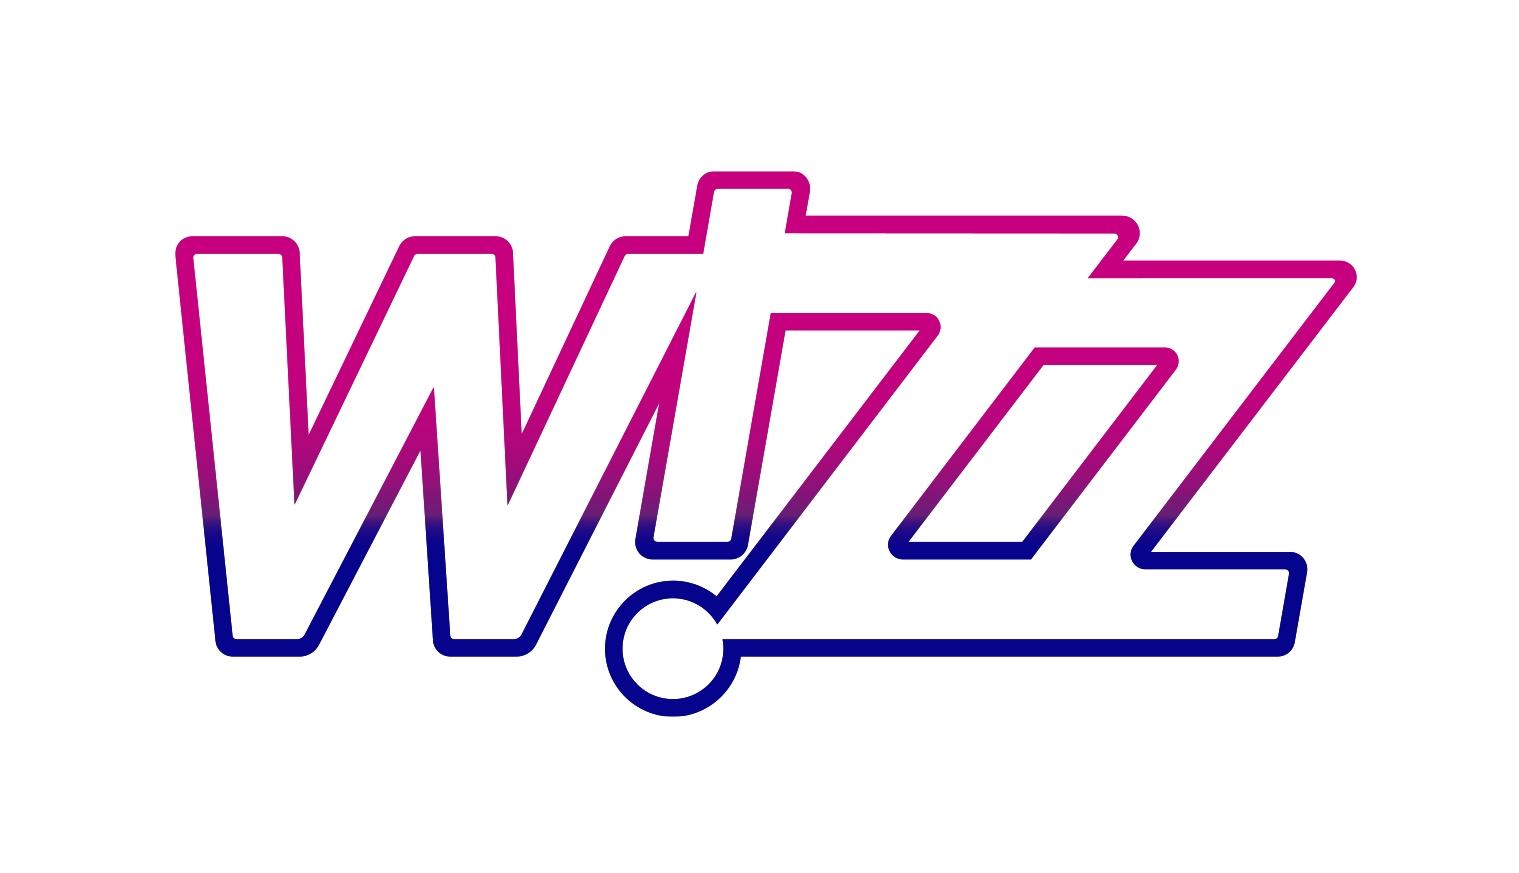 Wizzy porn pic nude slut